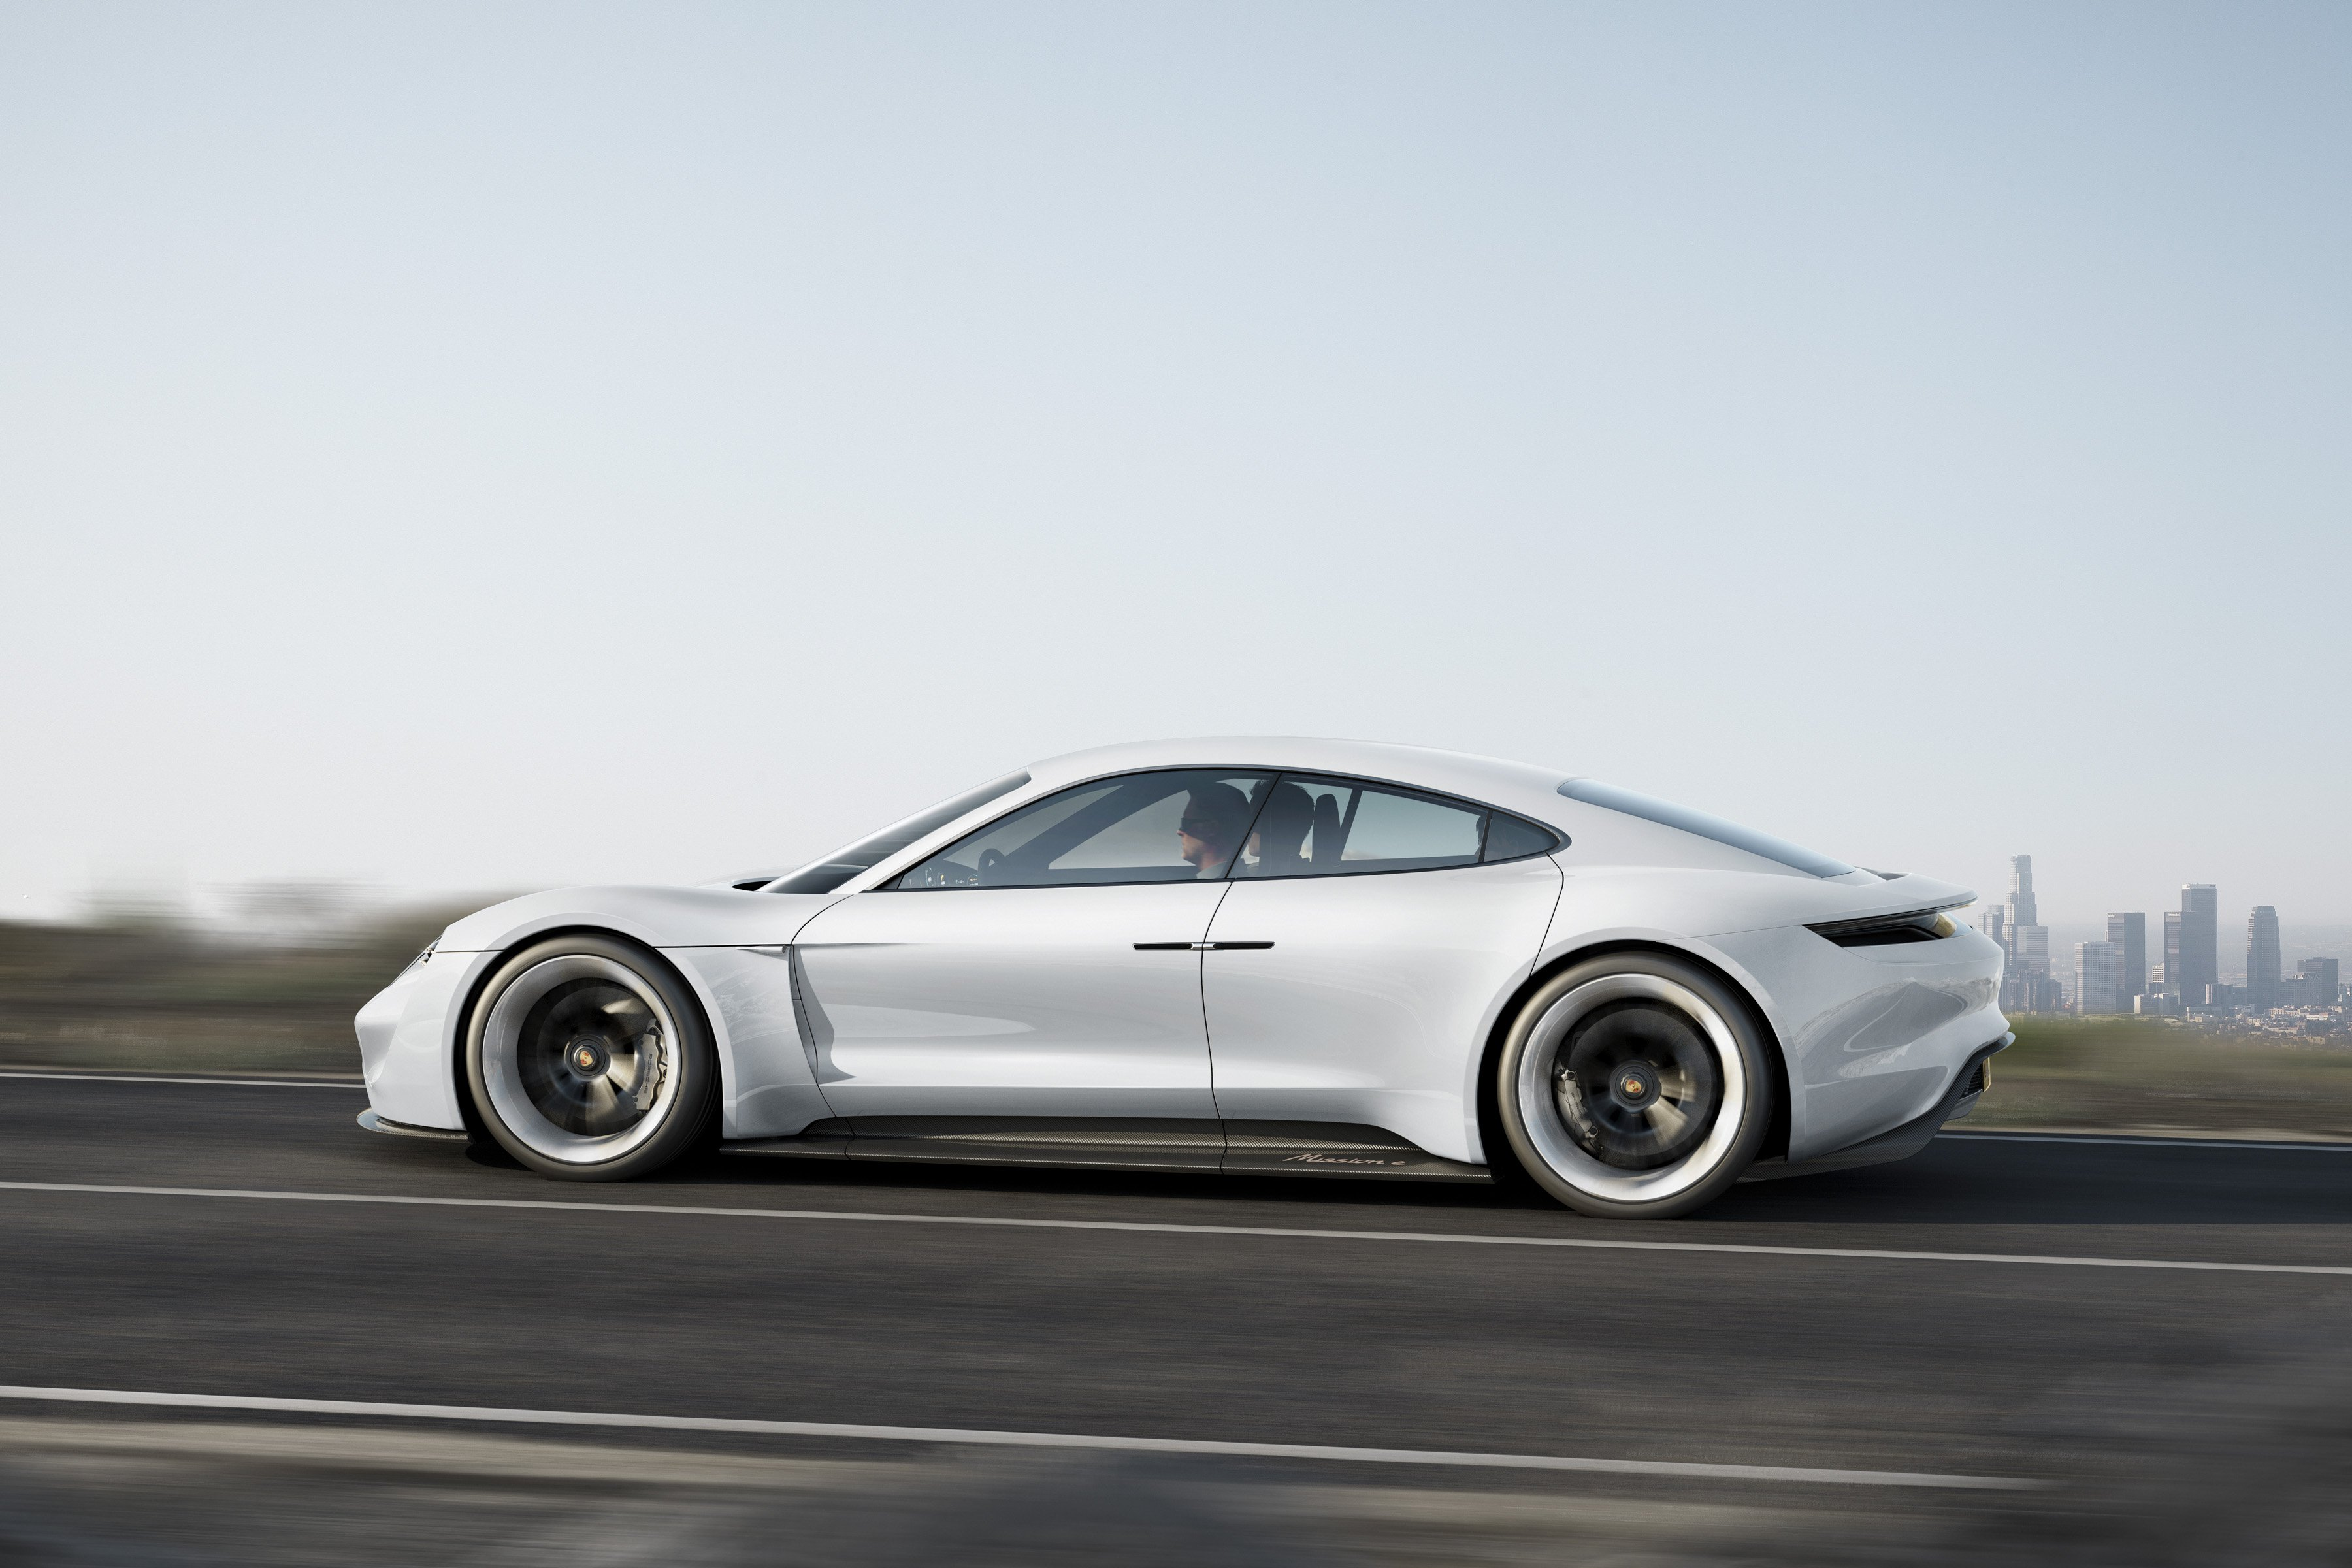 Porsche-Mission-E-electric-car-concept-03